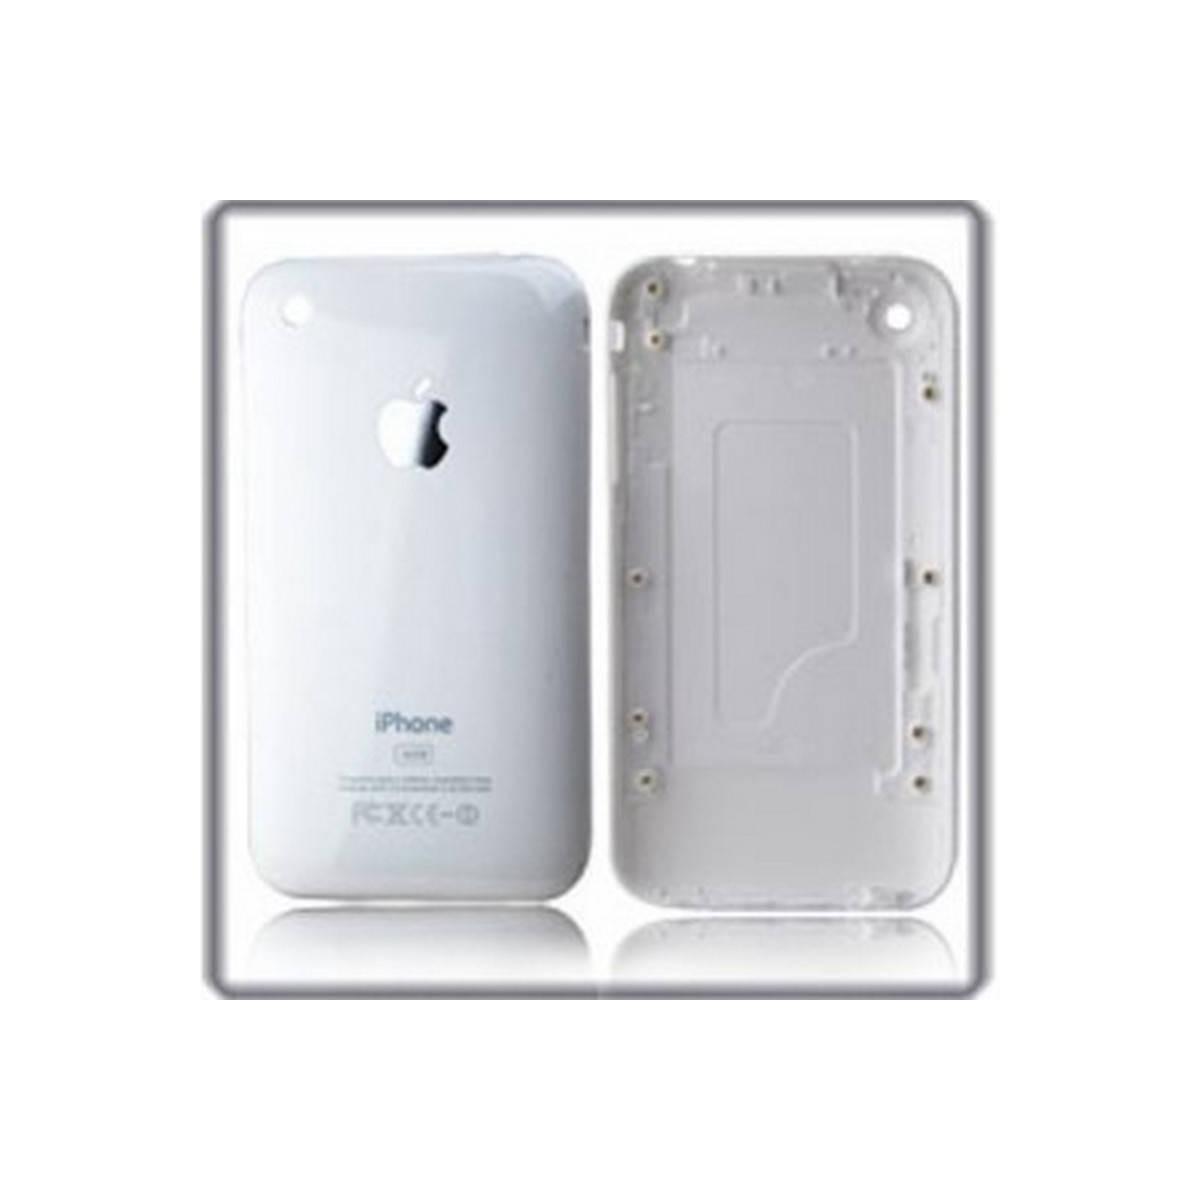 Tapa iphone 3G blanca 16GB